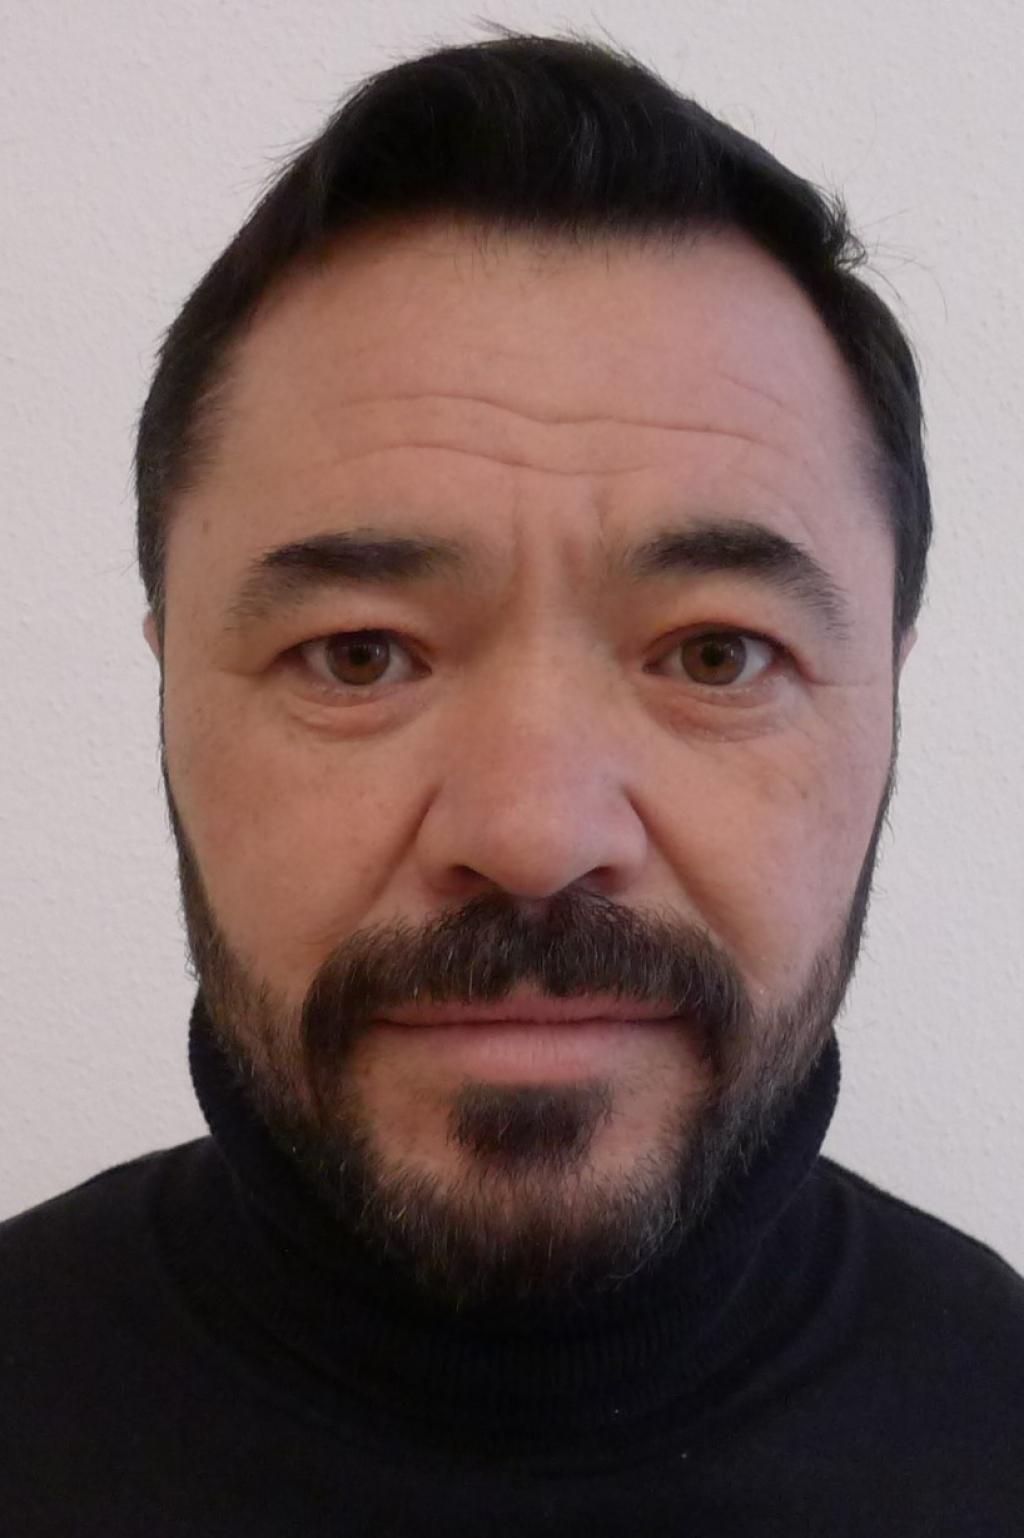 Aydogan Hüseyin